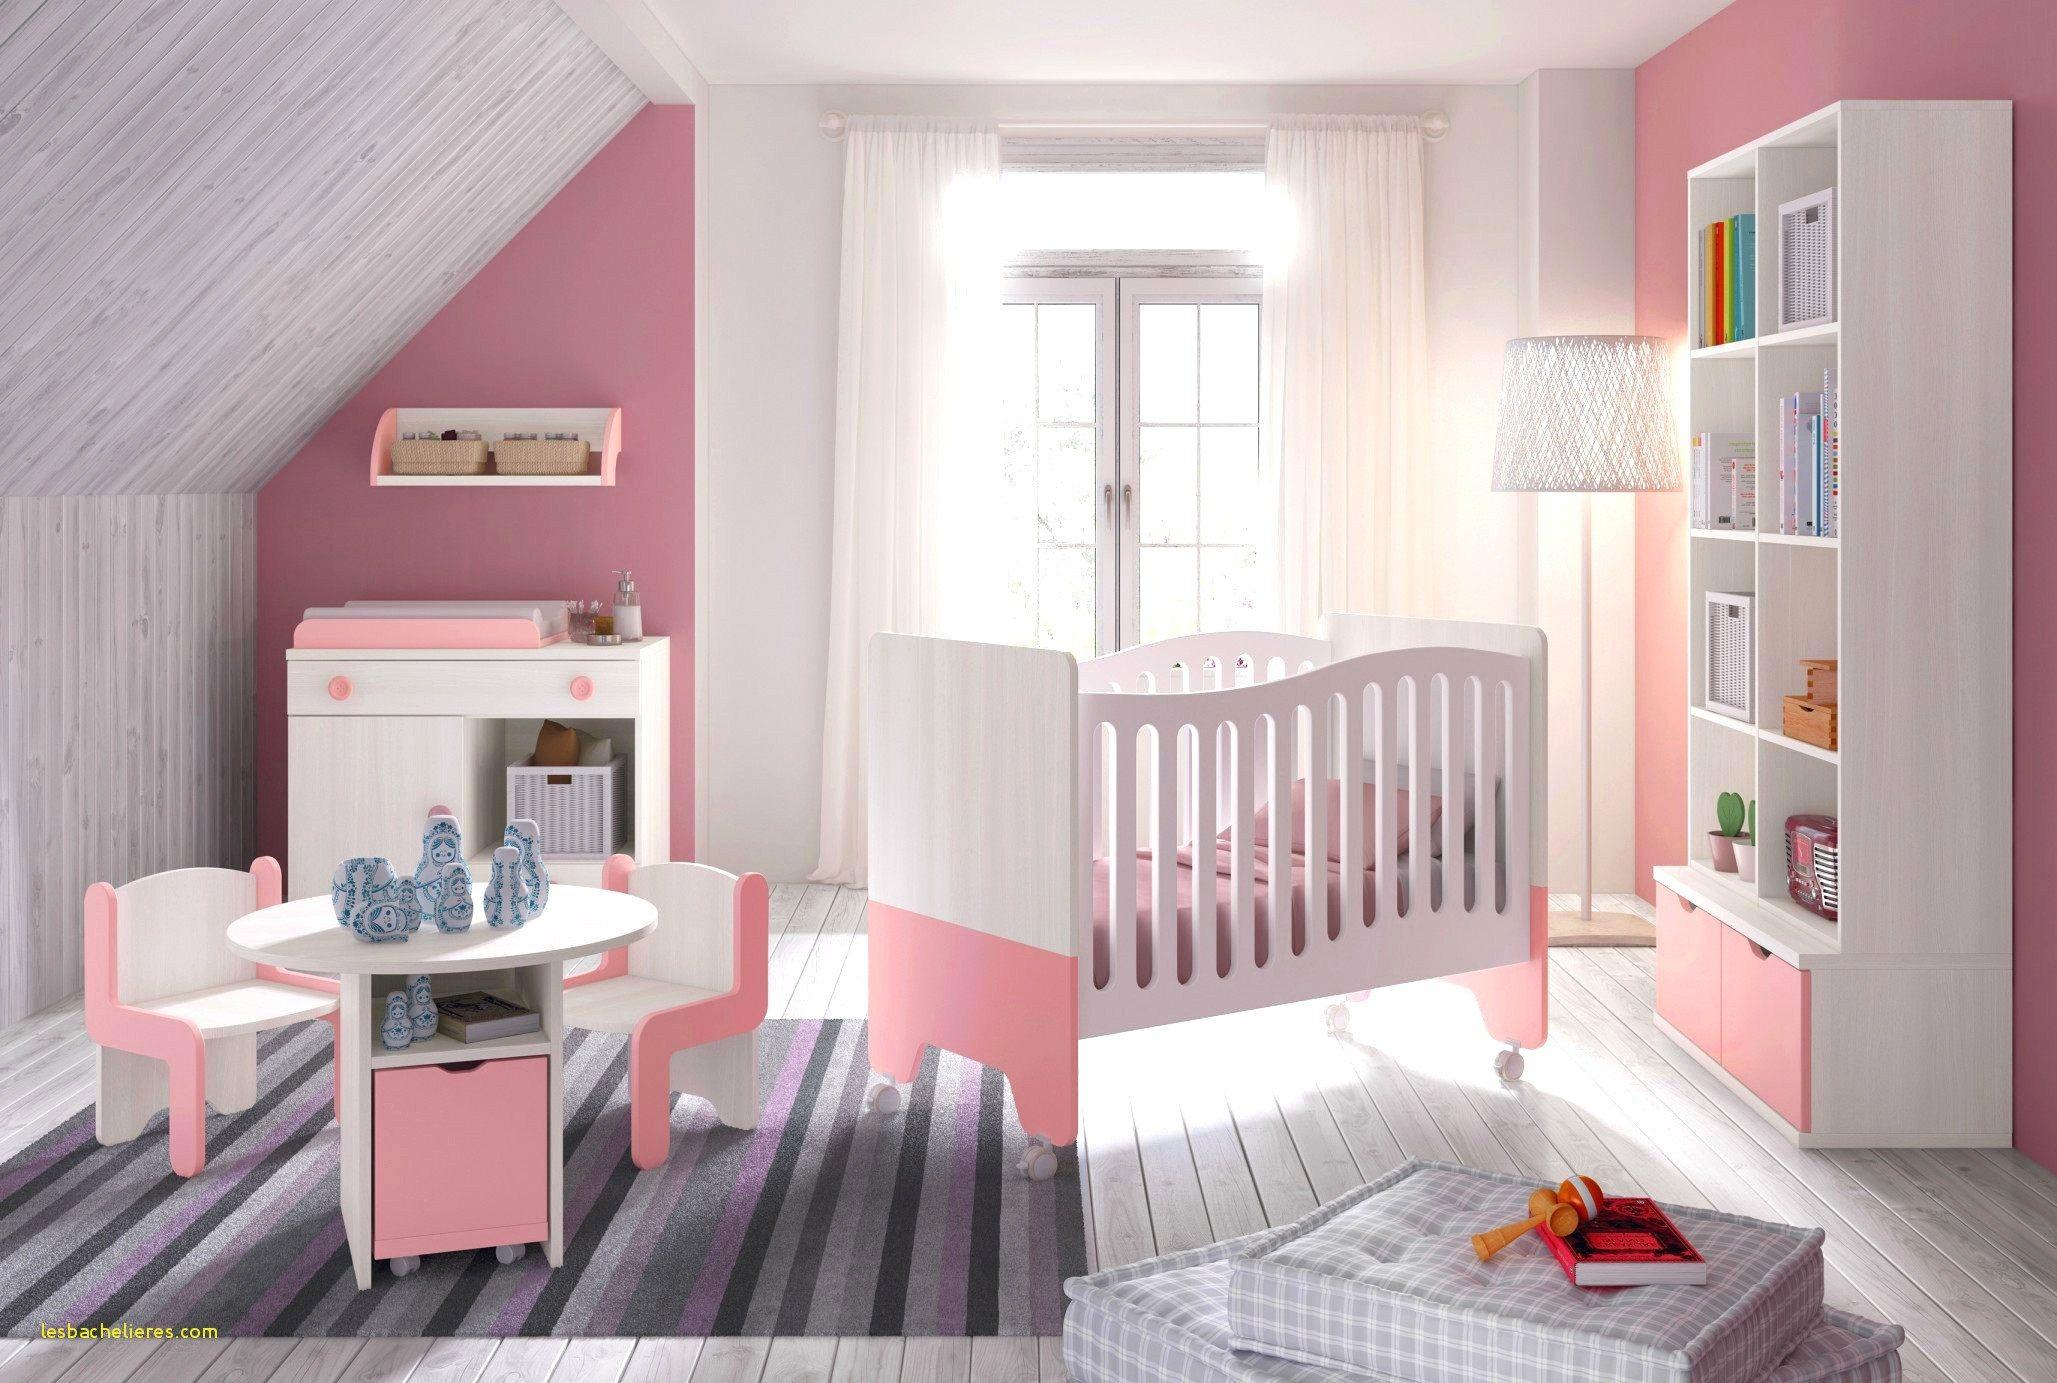 Plan Incliné Lit Bébé Impressionnant Chambre Bébé Carrefour